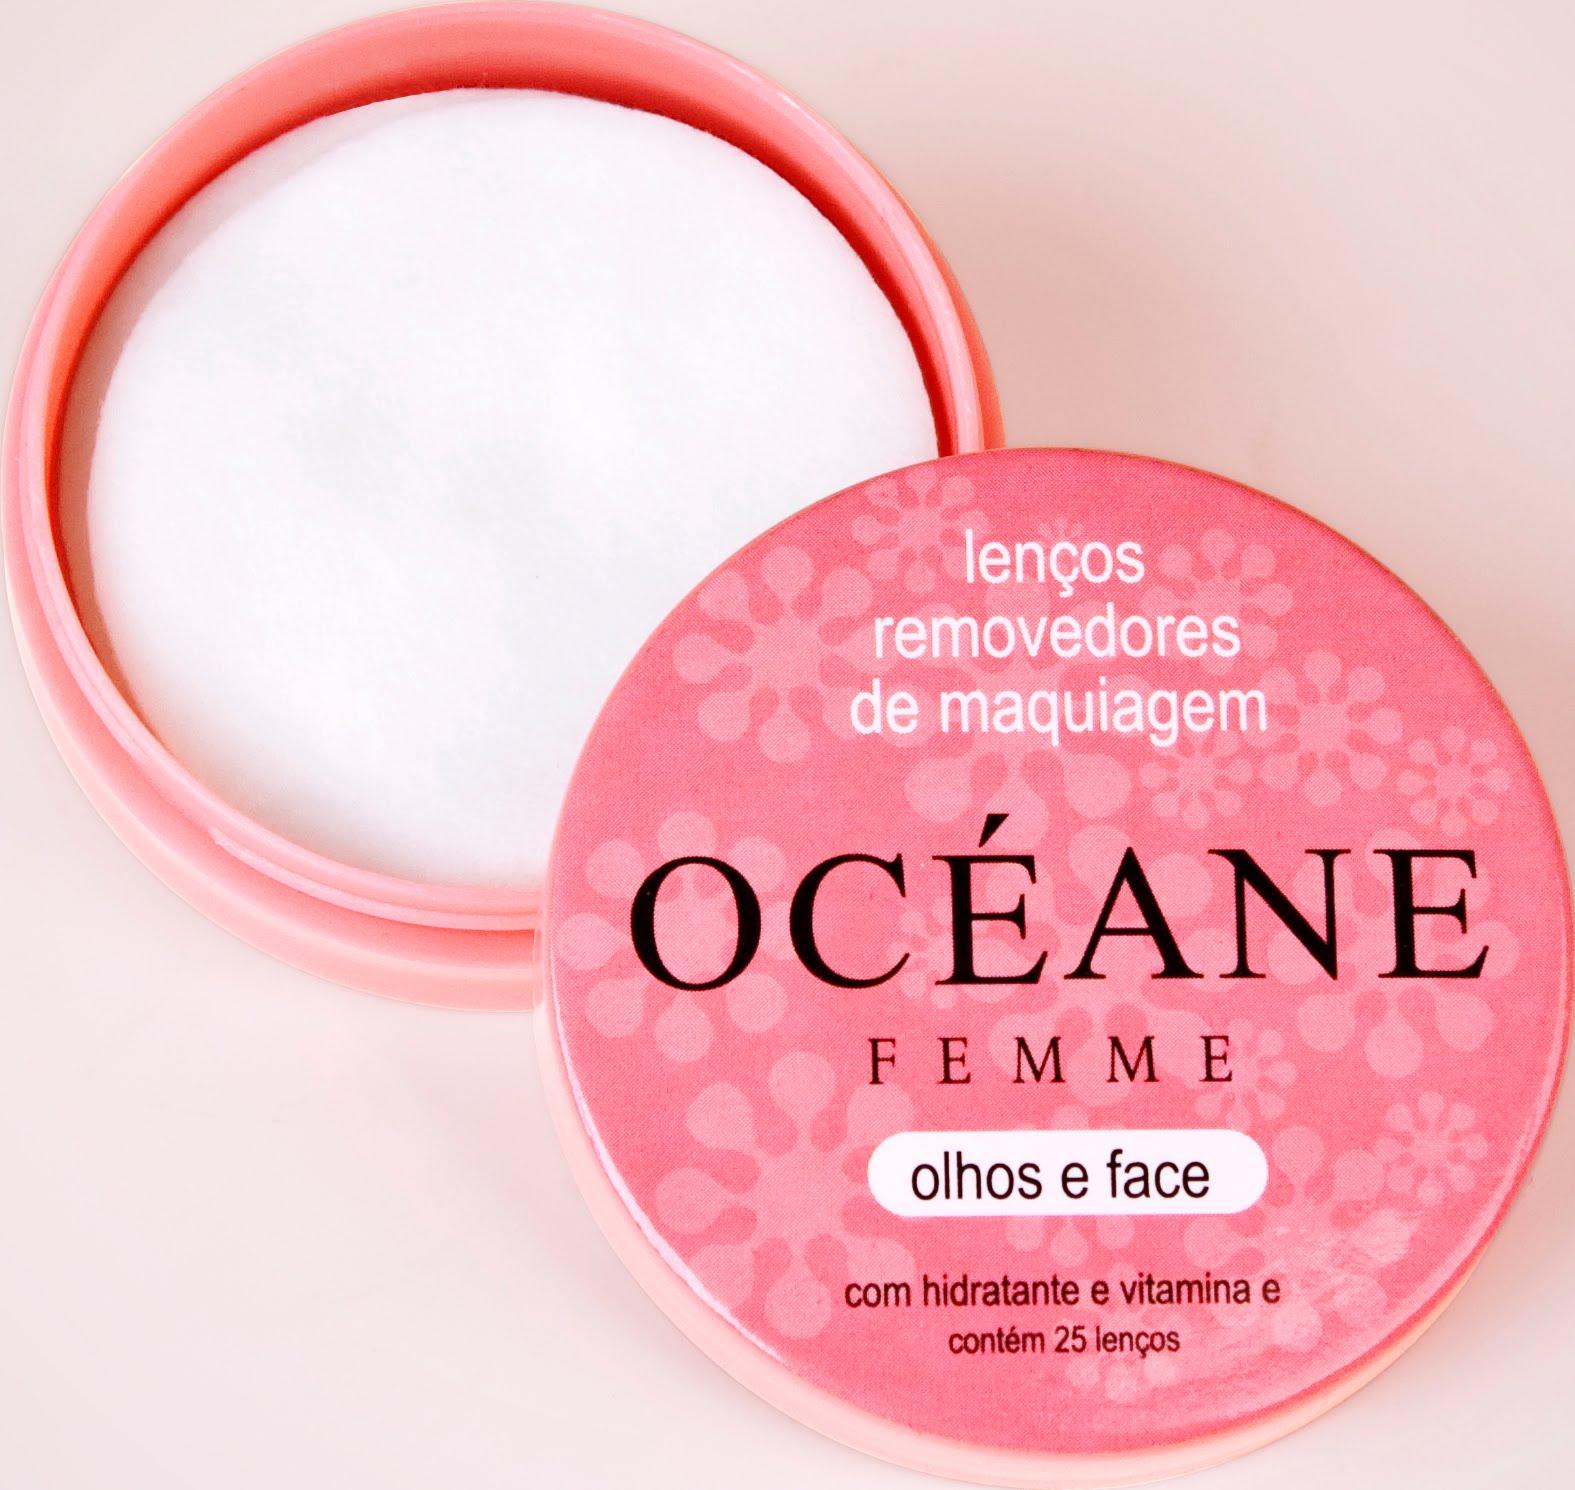 Removedor de Maquiagem - lencos- Femme Océane